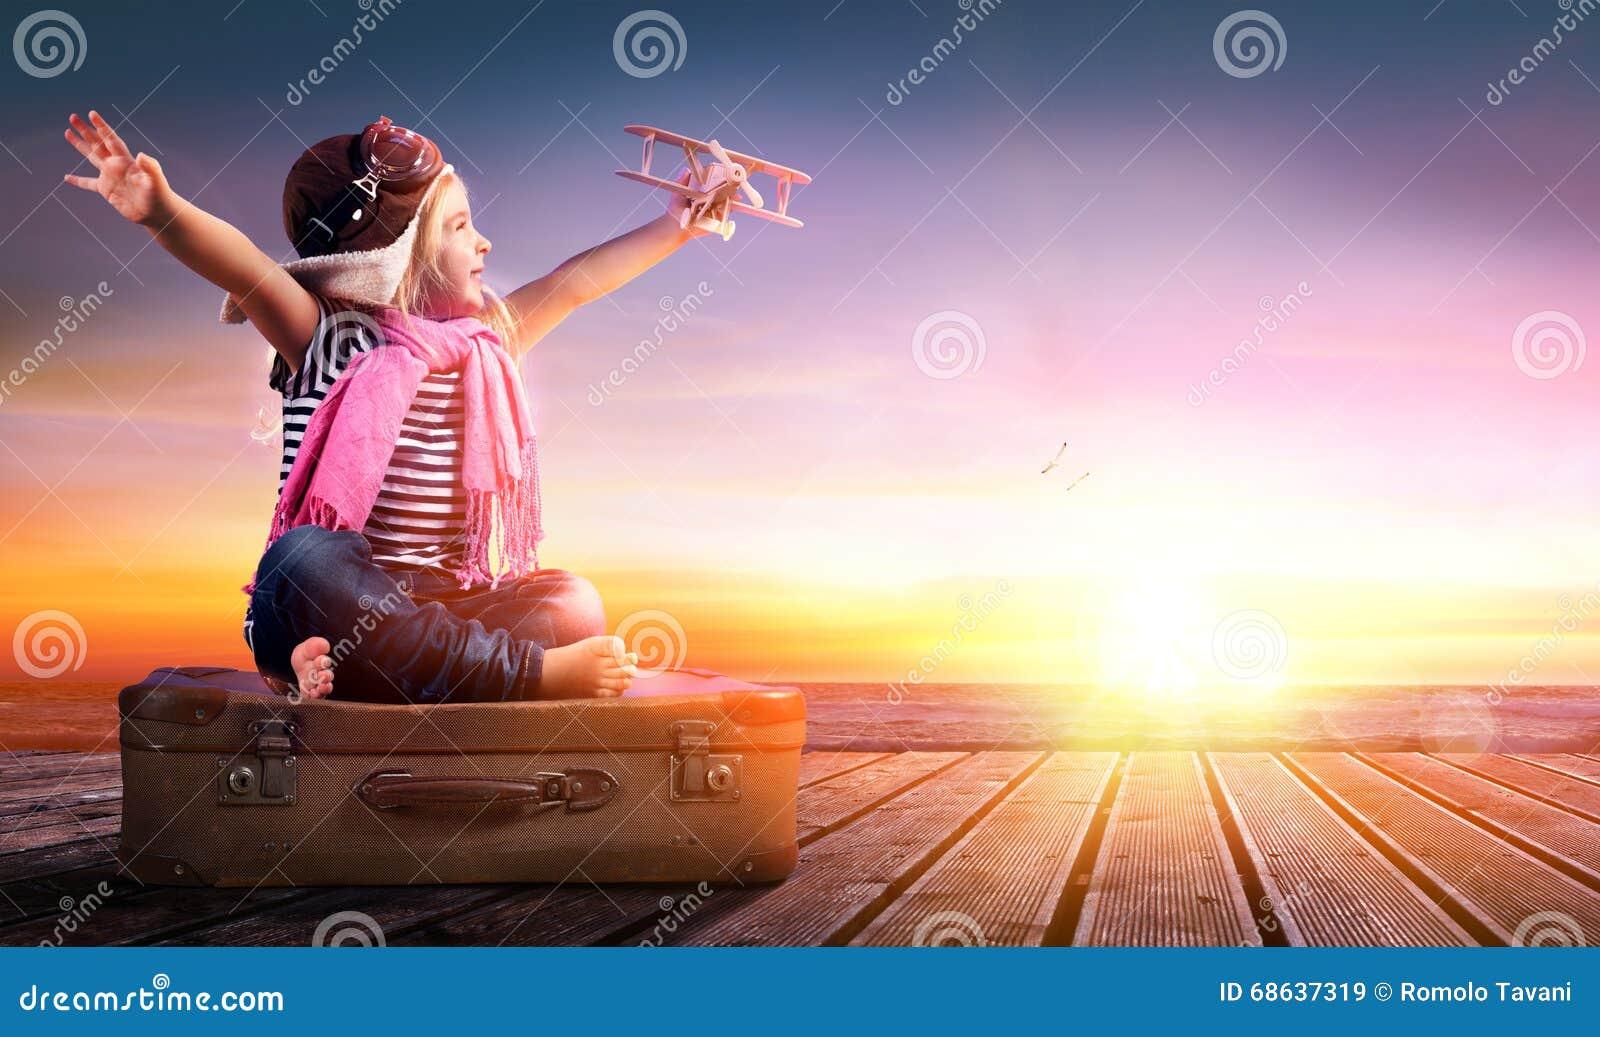 Droomreis - Meisje op Uitstekende Koffer